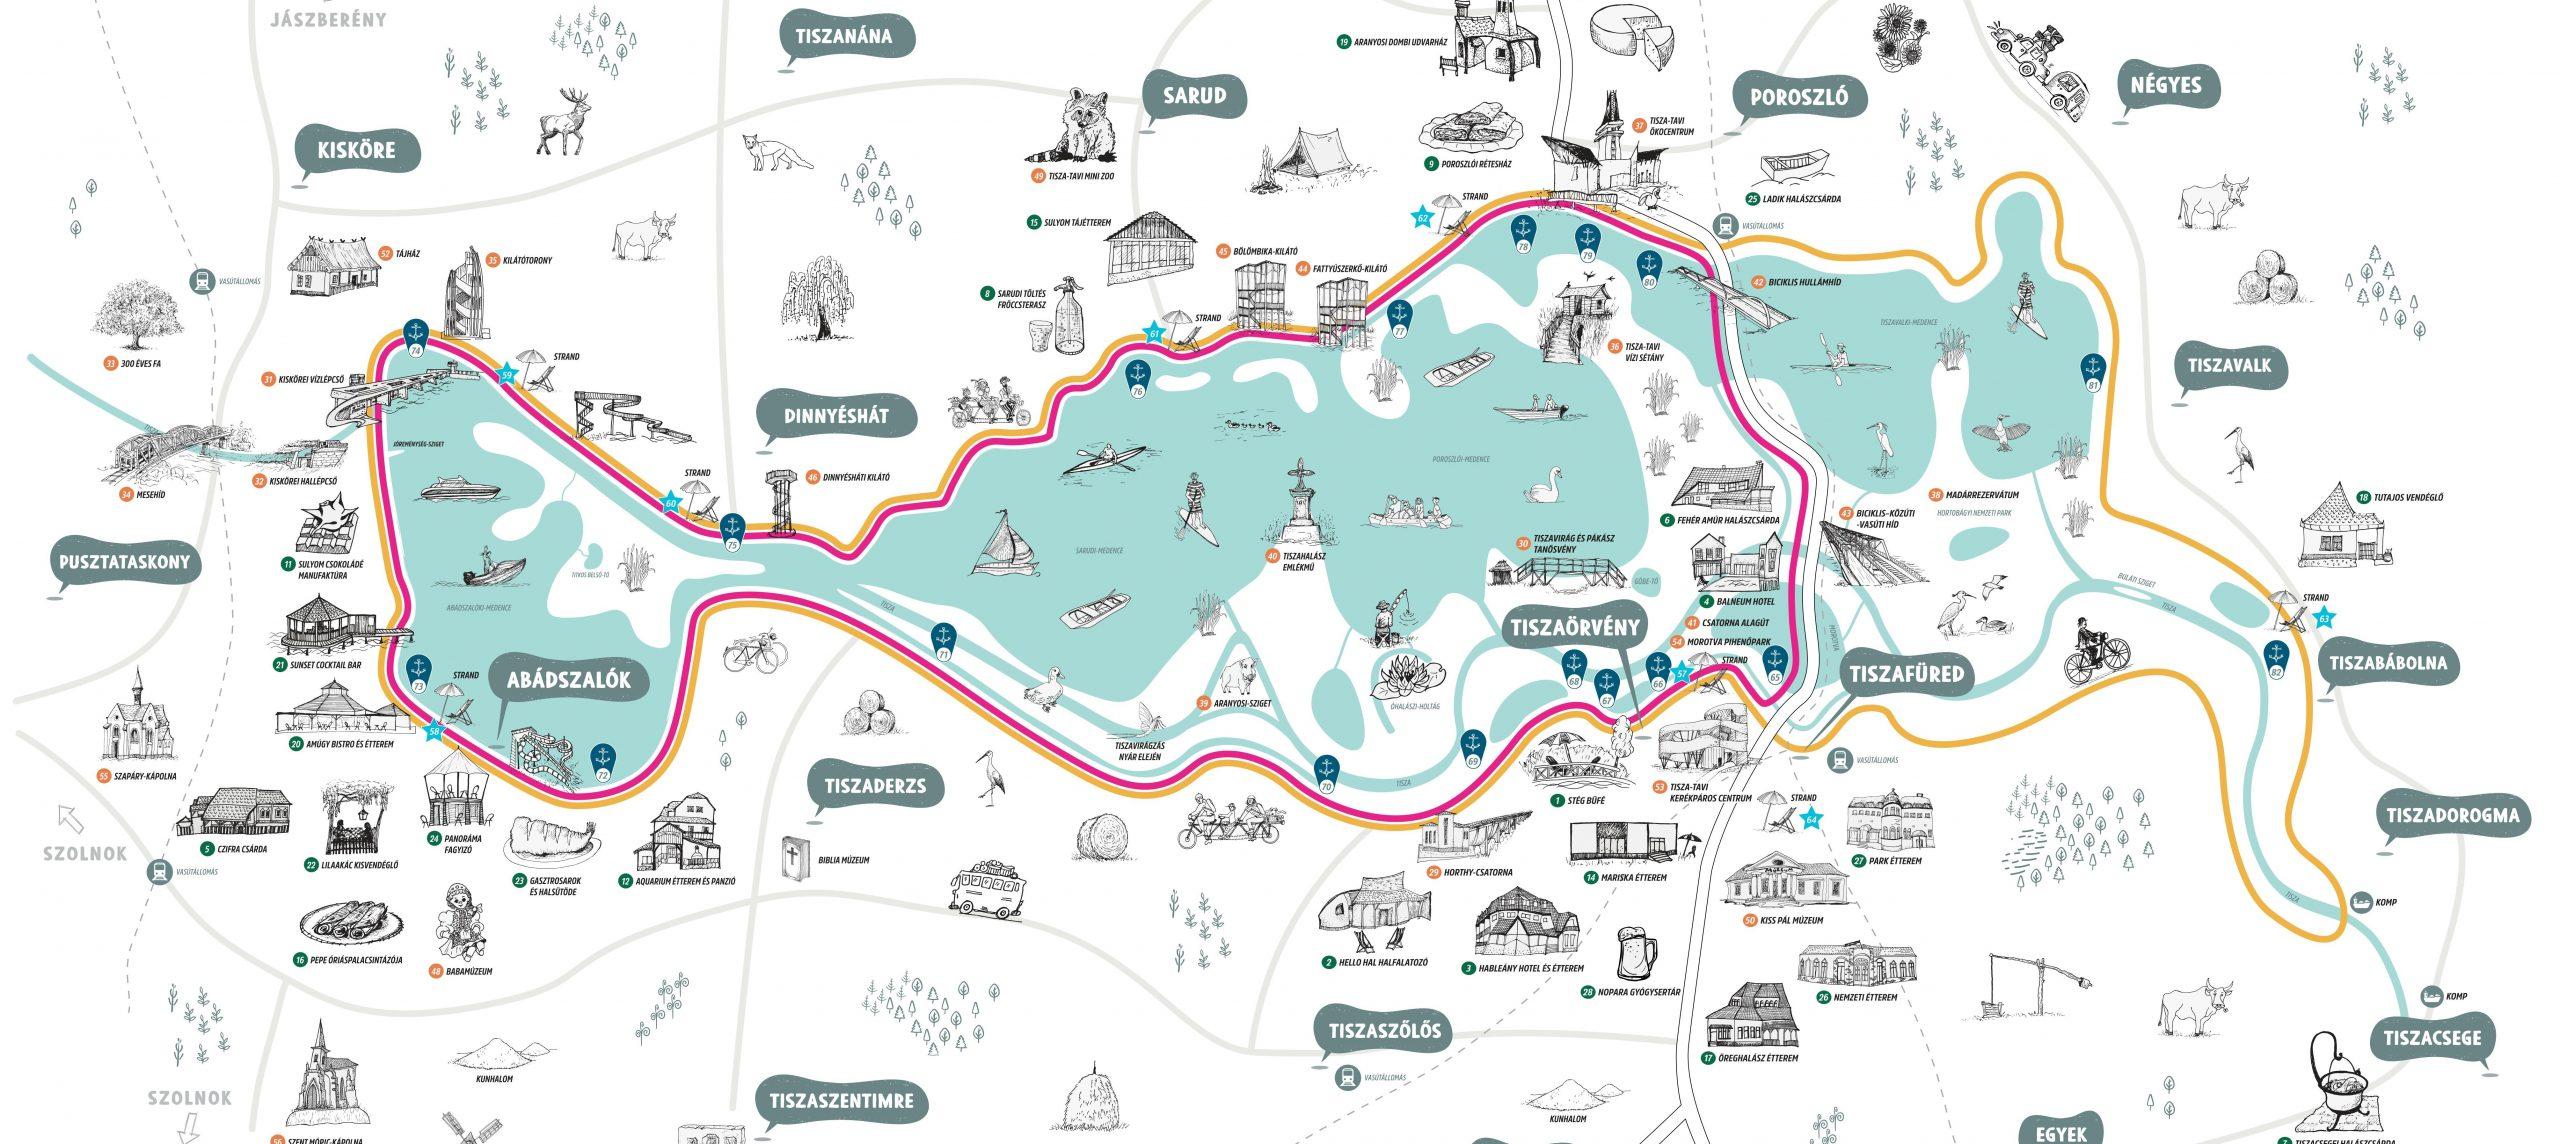 Térkép készült a Tisza-tó legjobb strandjairól, vendéglátóhelyeiről és látnivalóiról